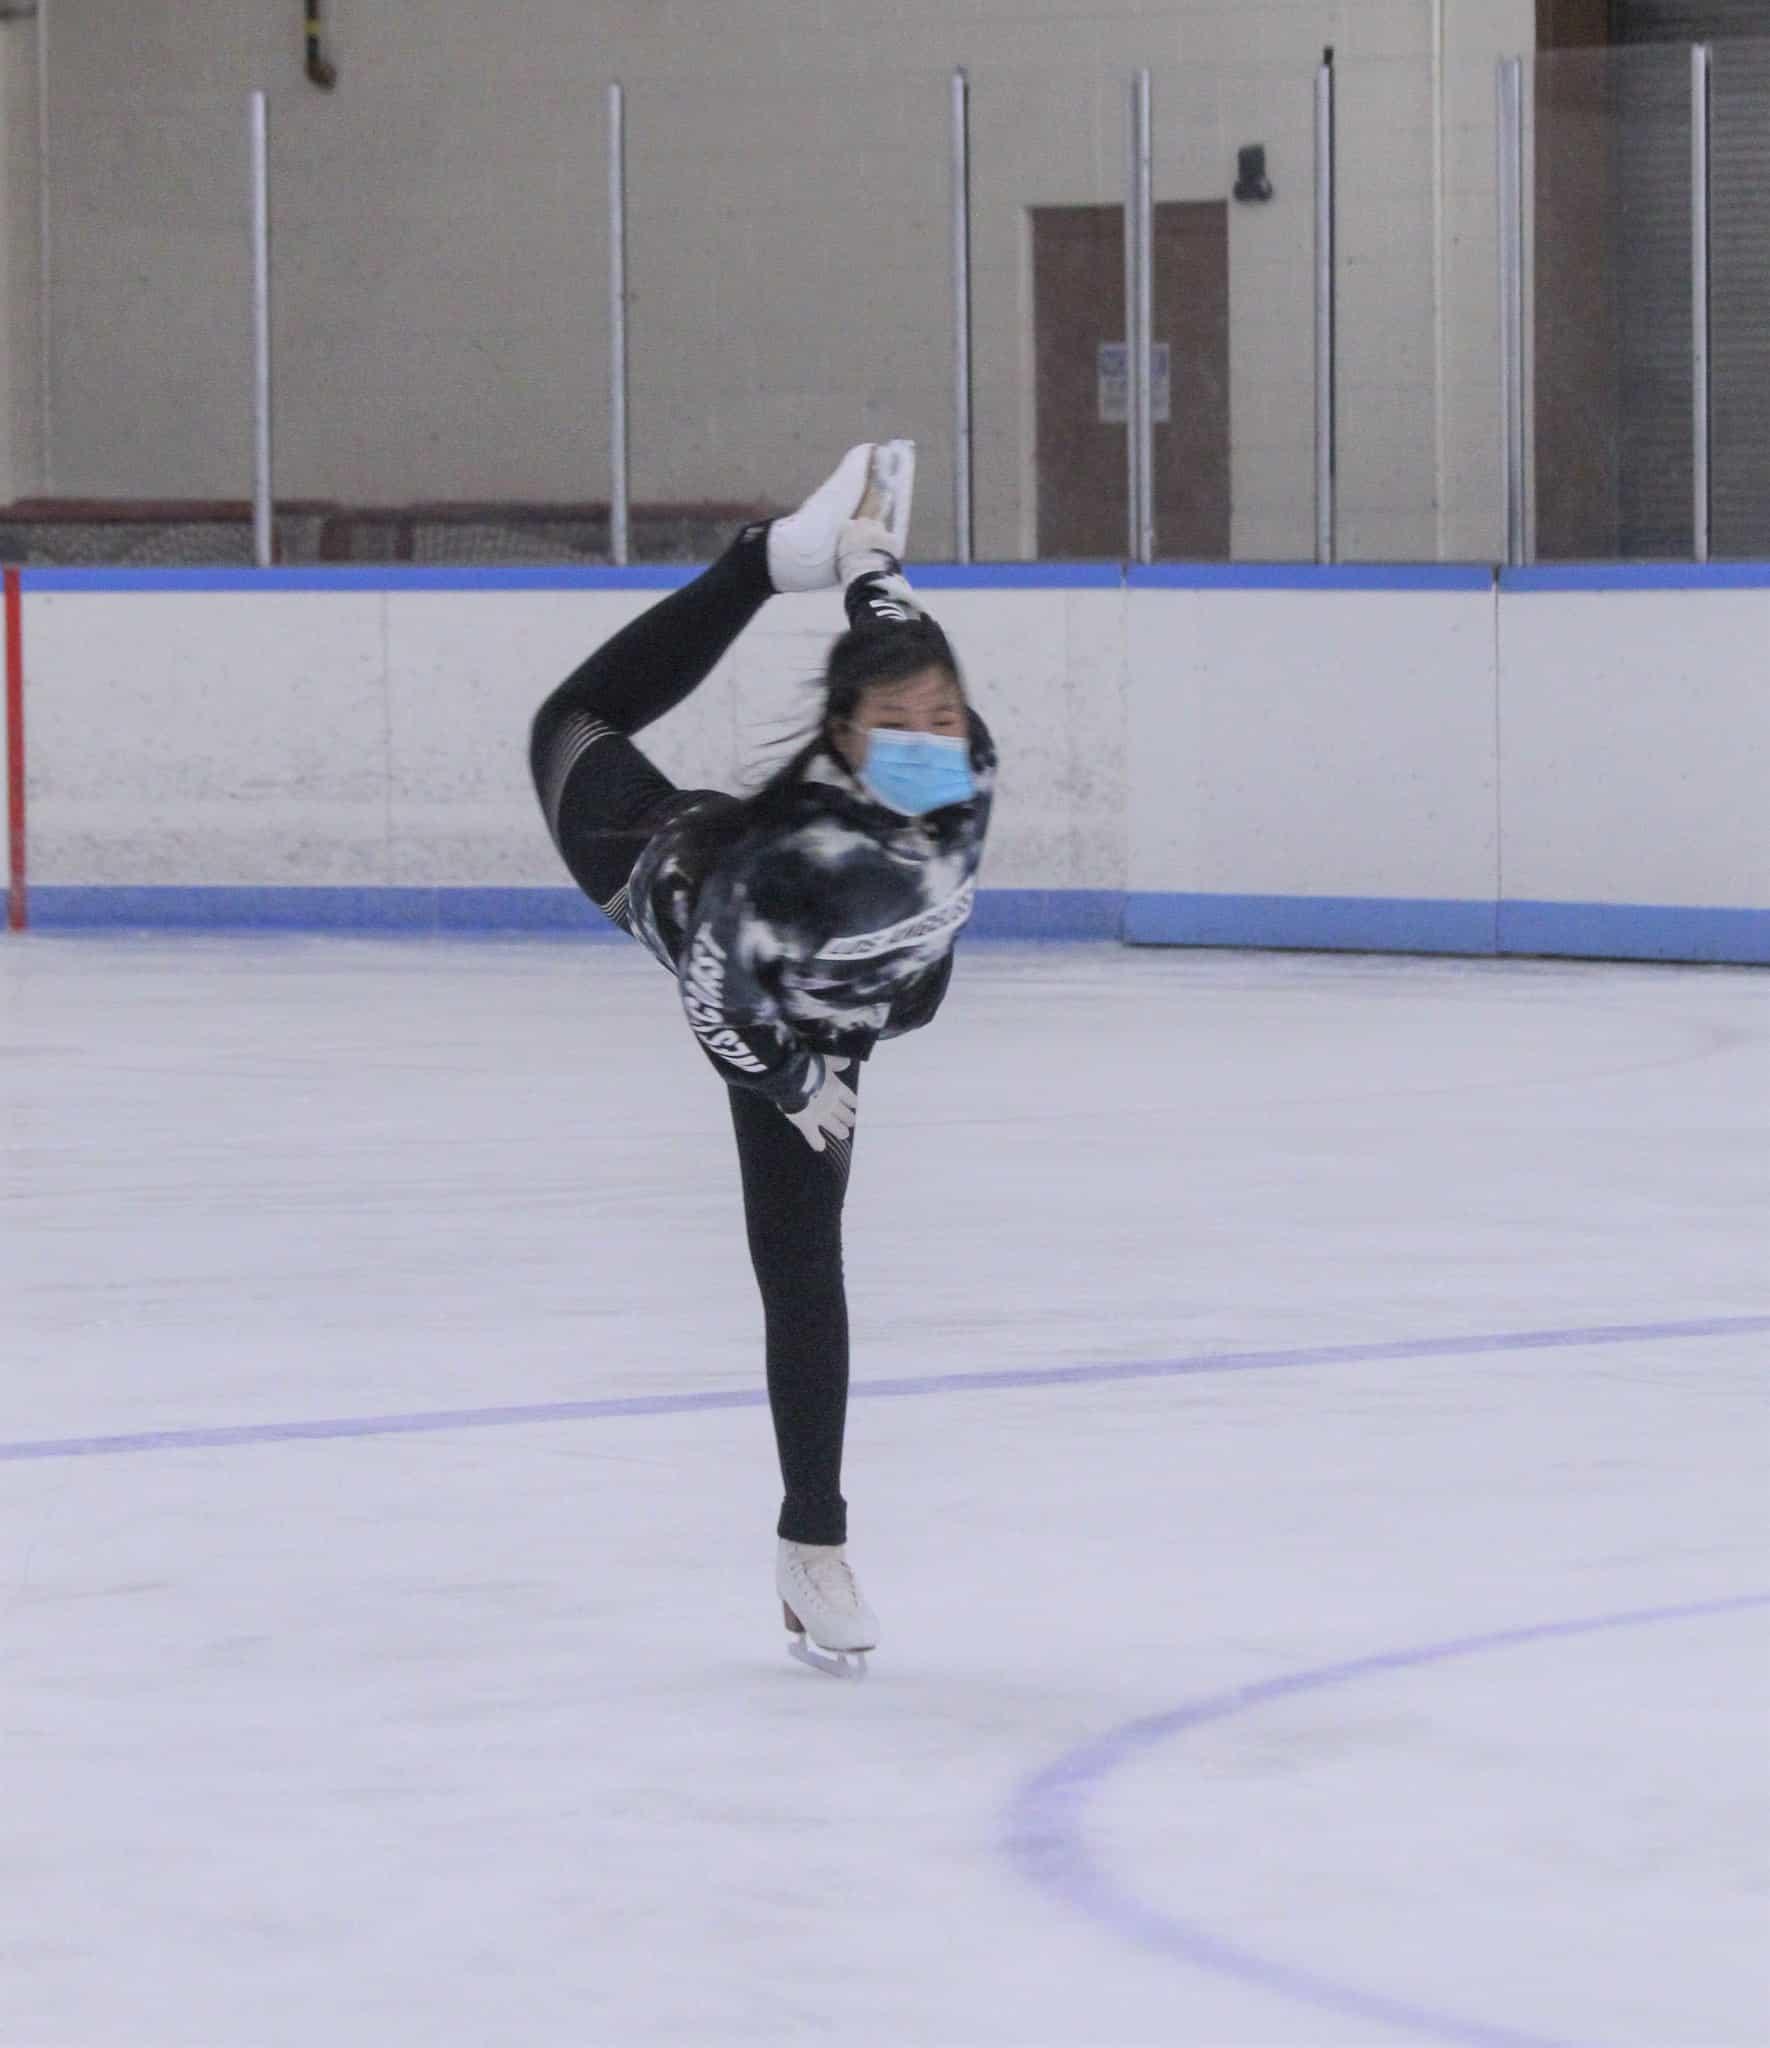 20210401-last skate 5b